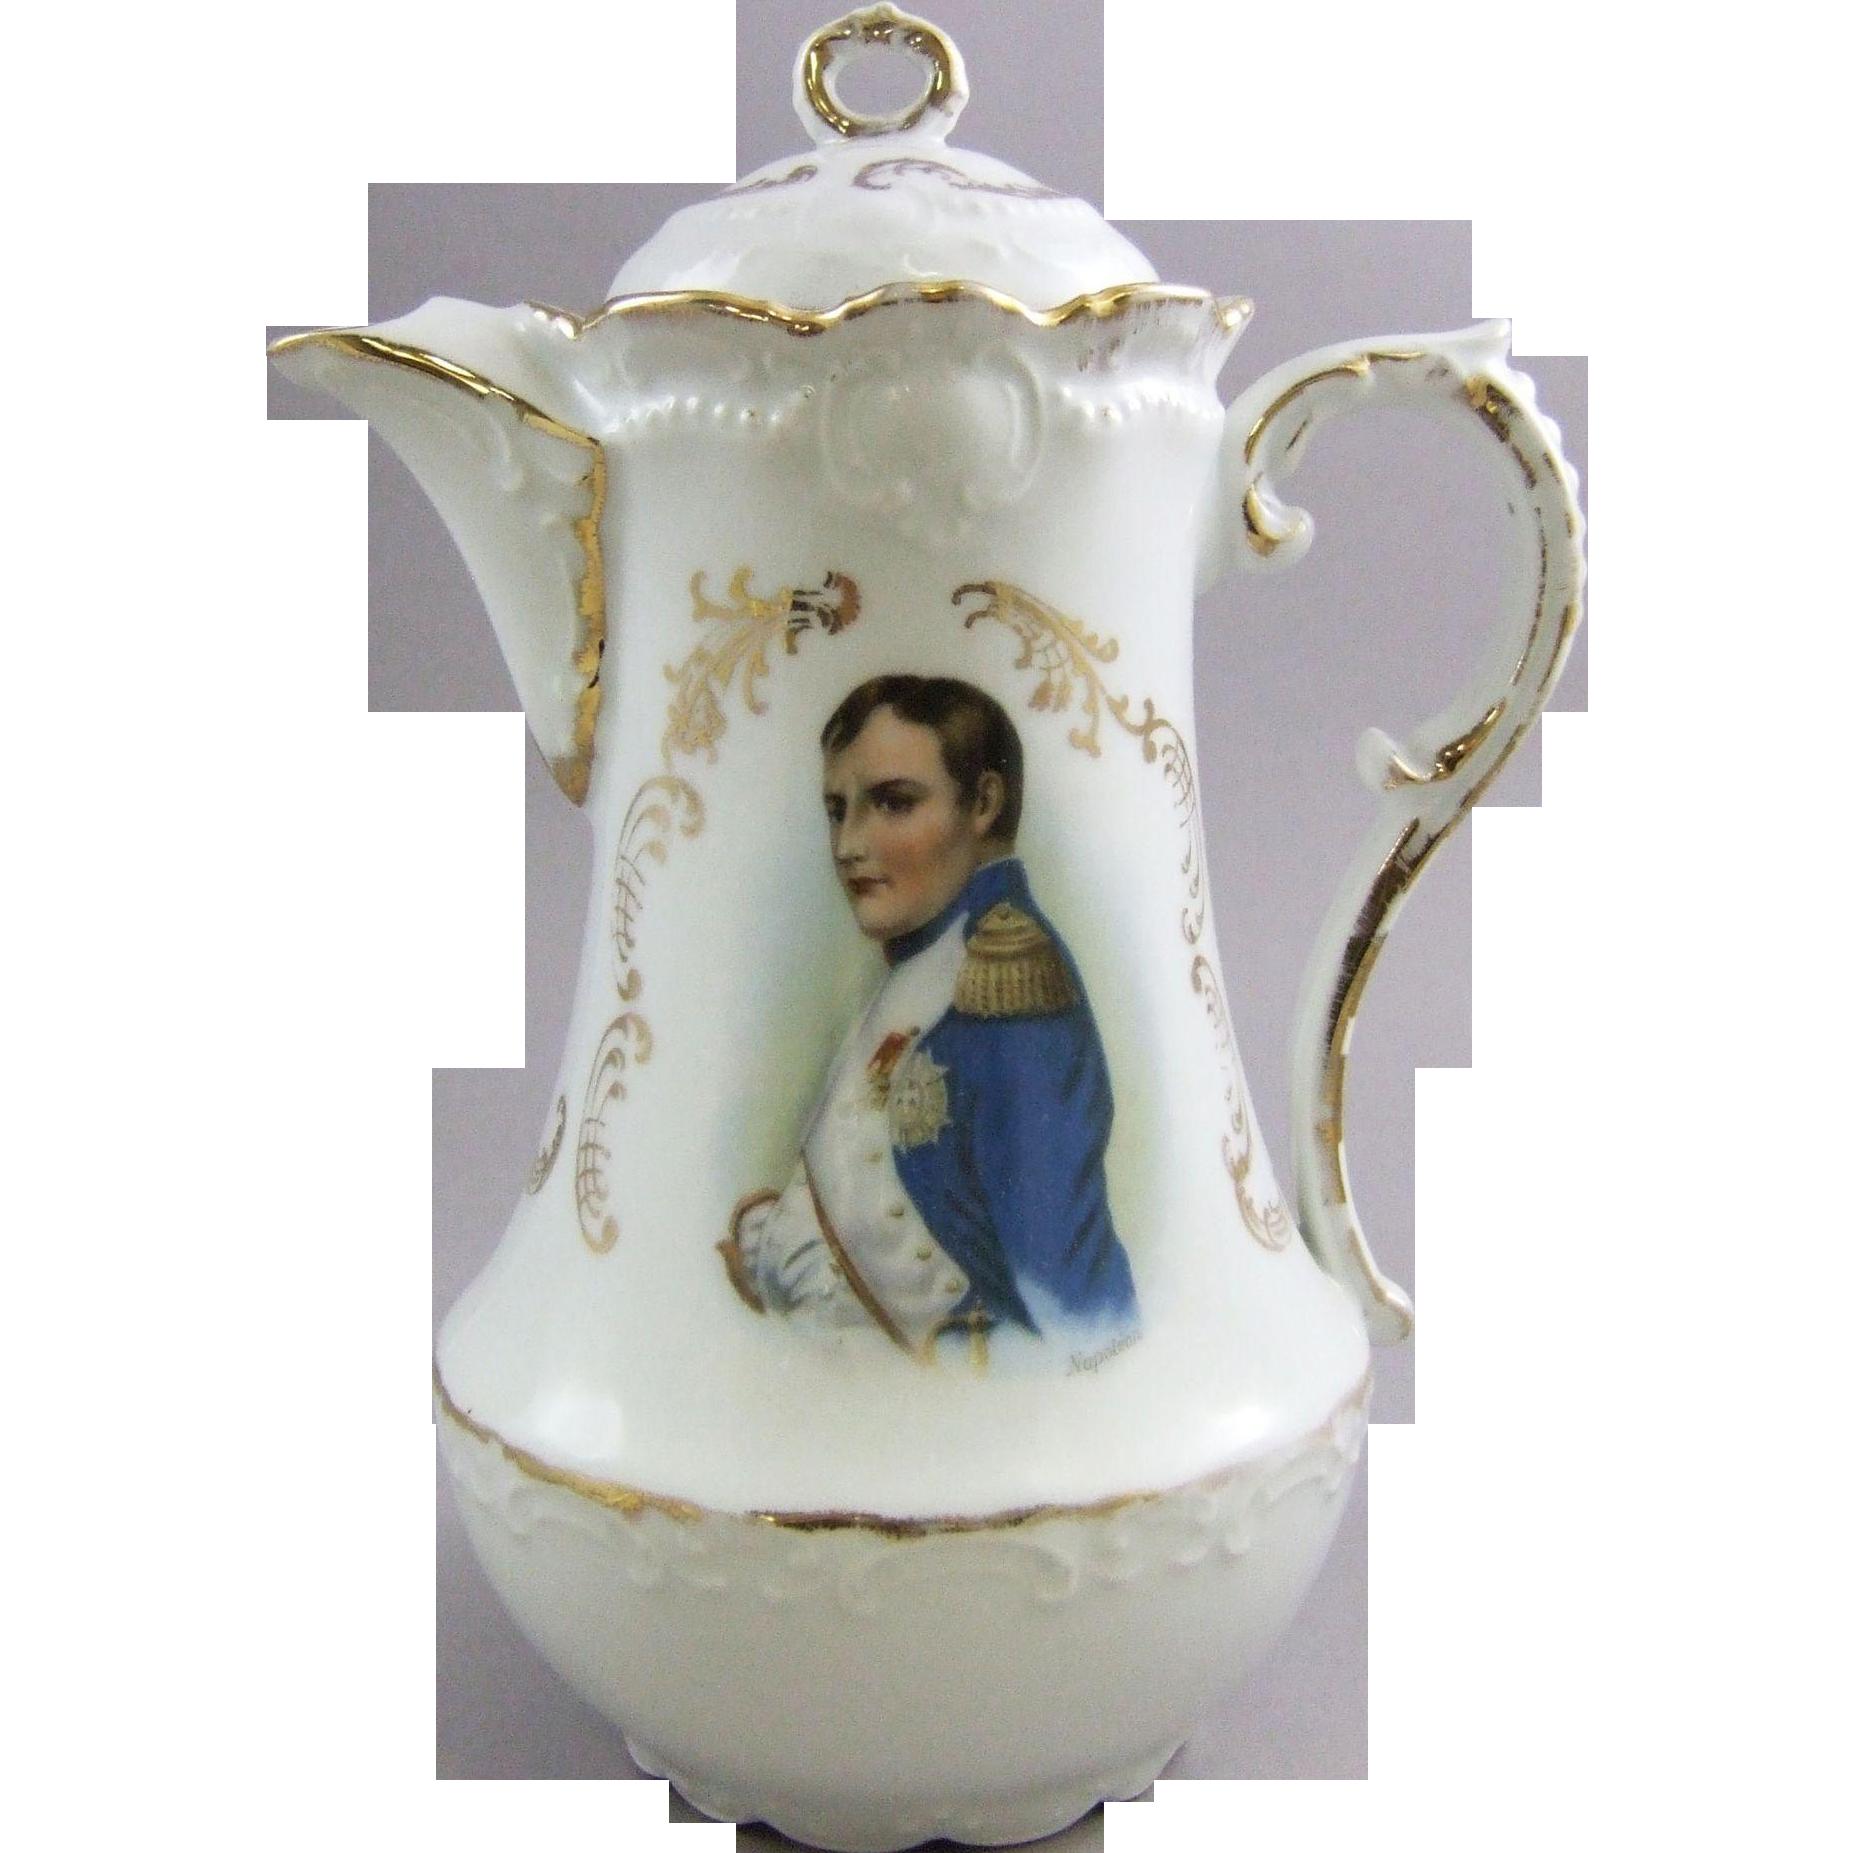 Antique German Porcelain Chocolate Pot with Napoleon Portrait